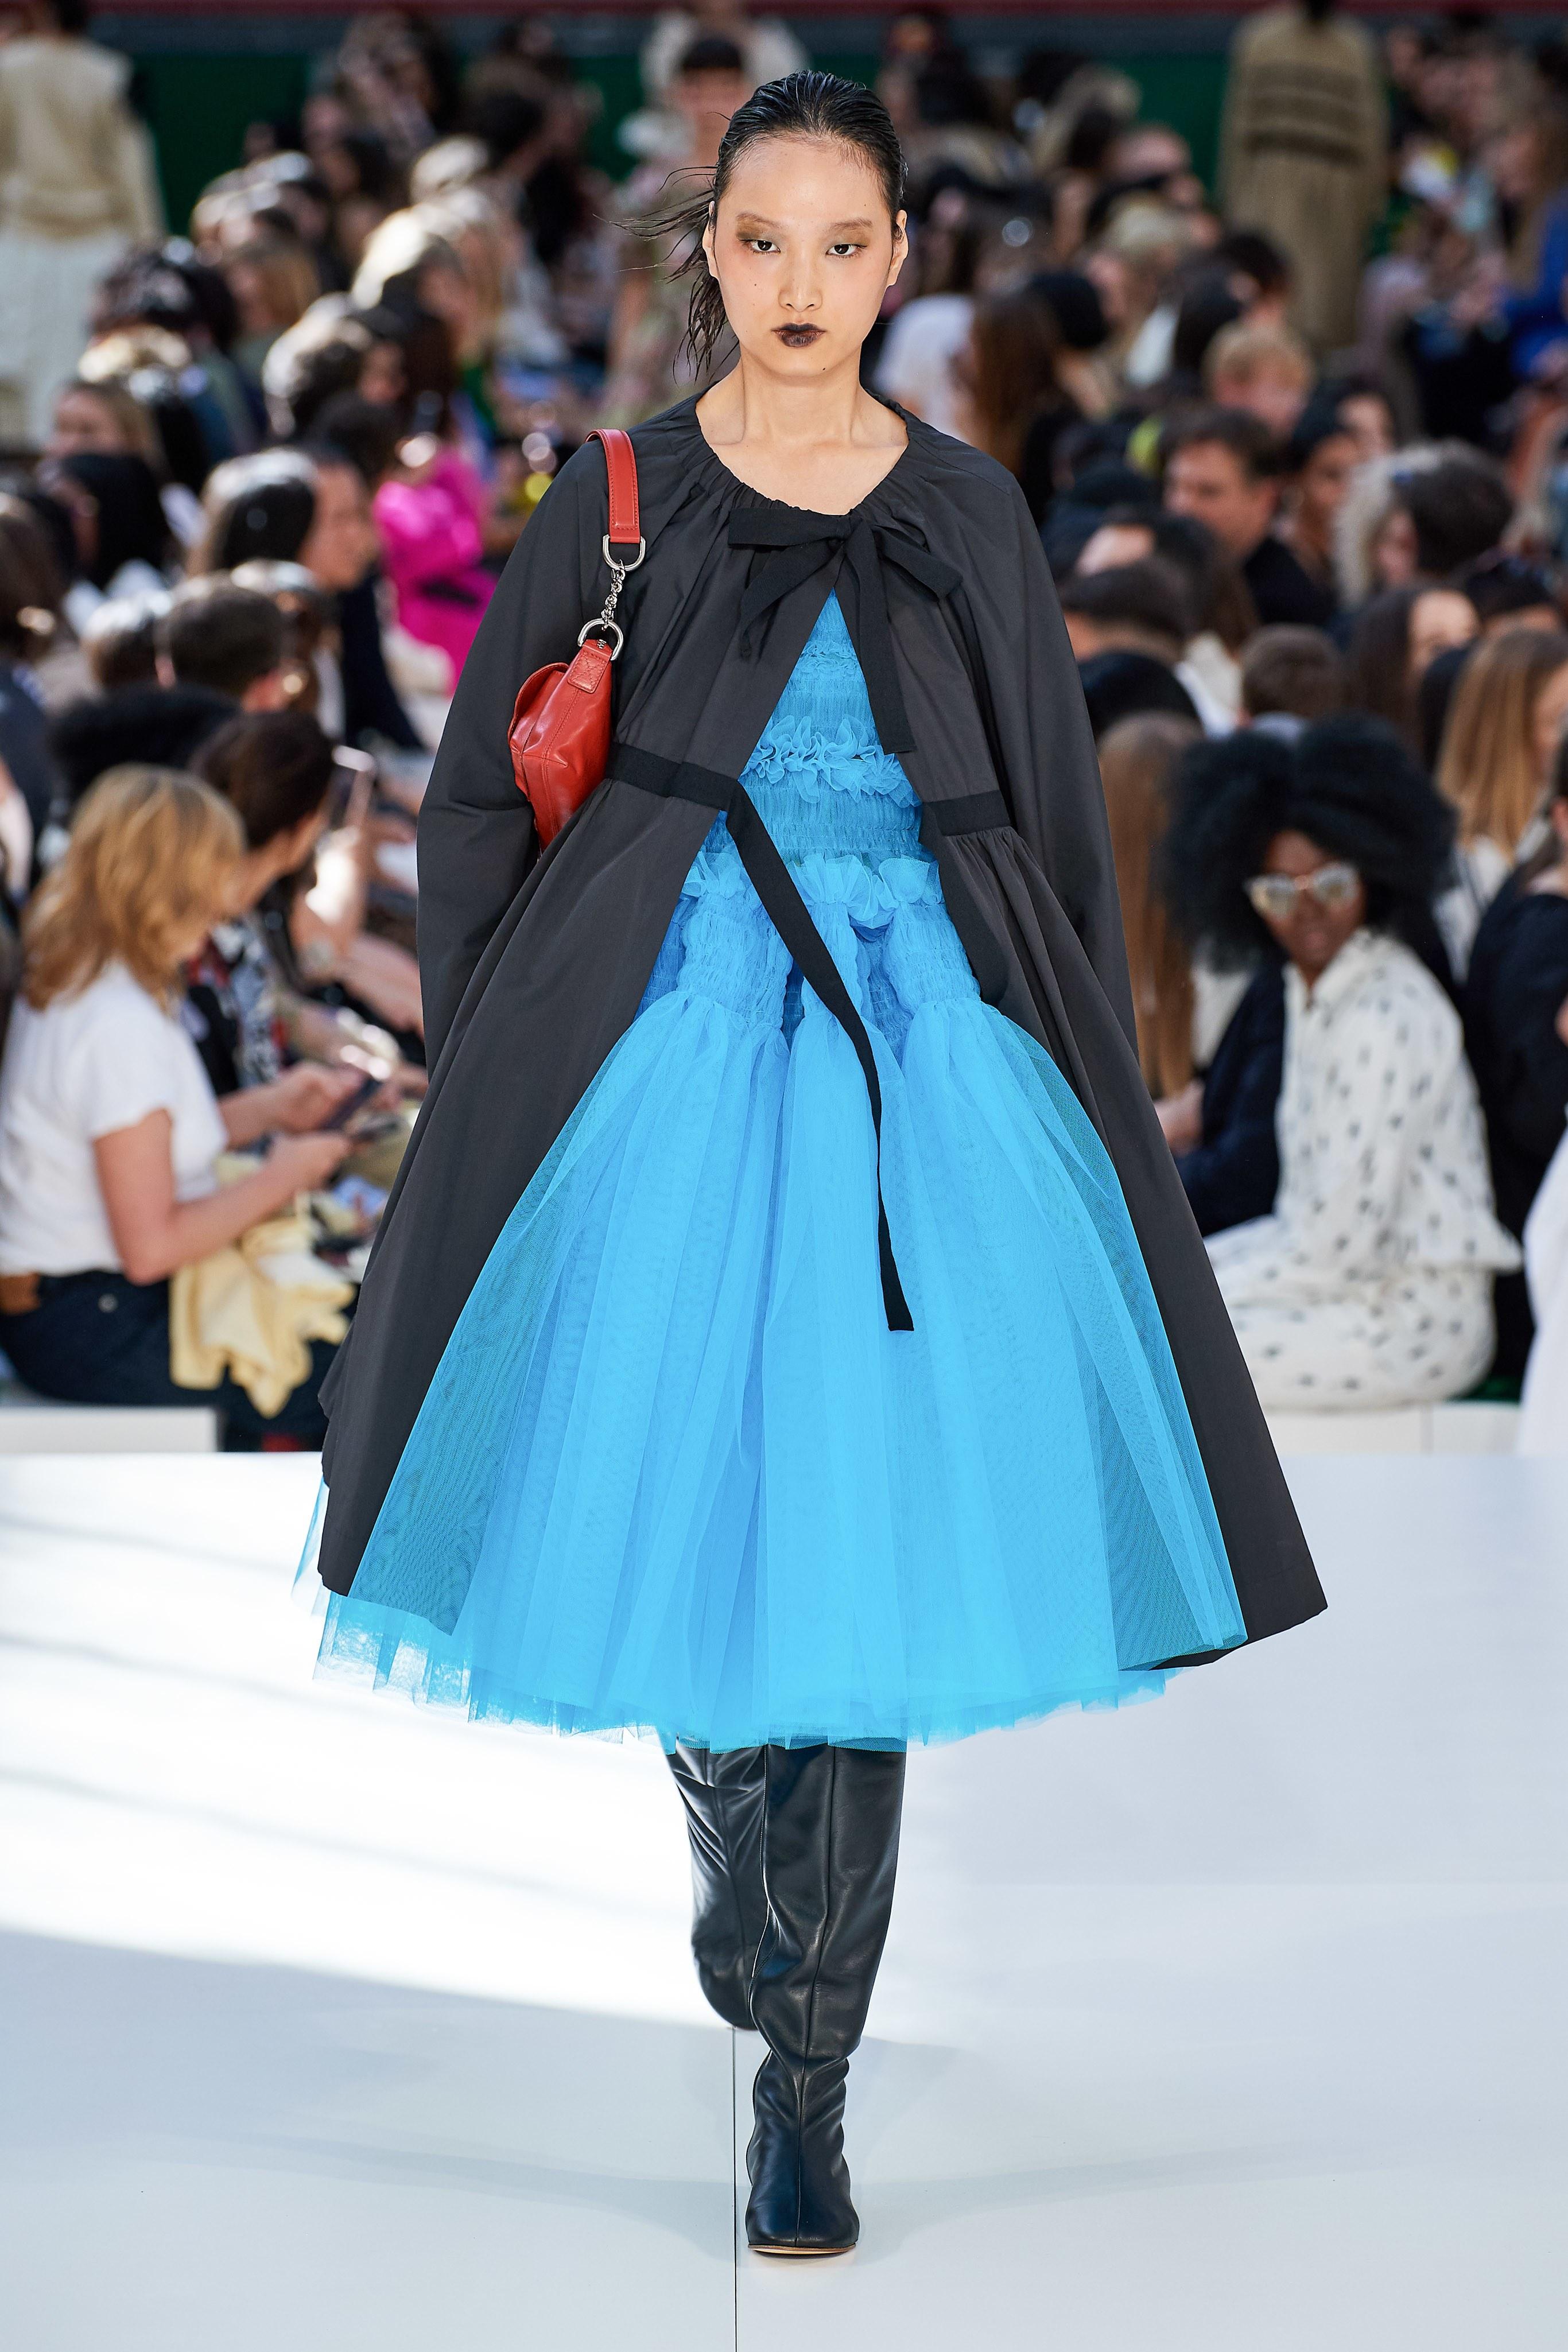 đầm xanh dương và áo khoác đen molly goddard